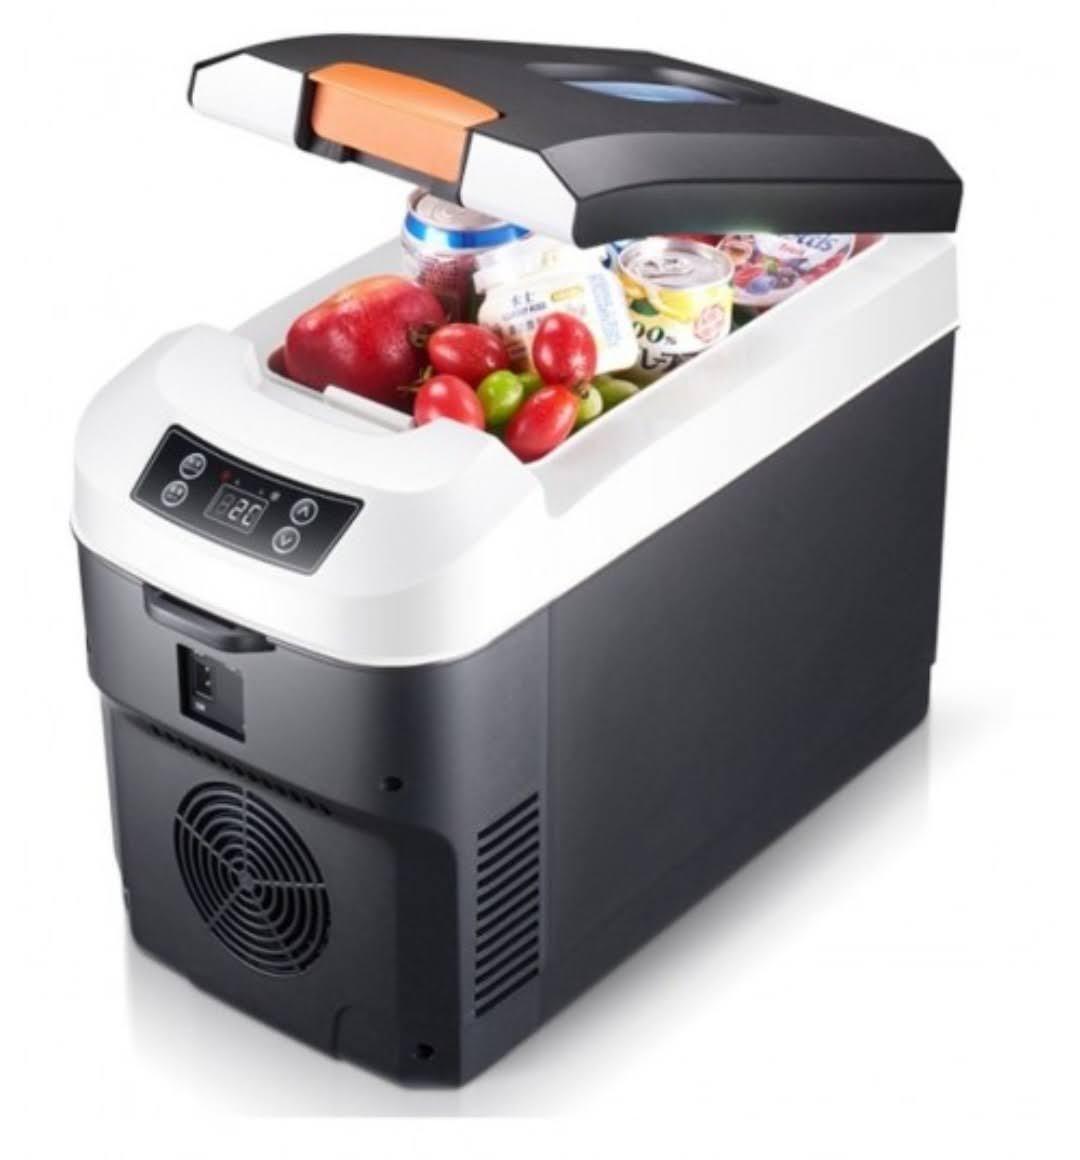 Mini Refrigerador 12V / Automotiva Cooler E Aquecedor Portátil 10 Litros Carro